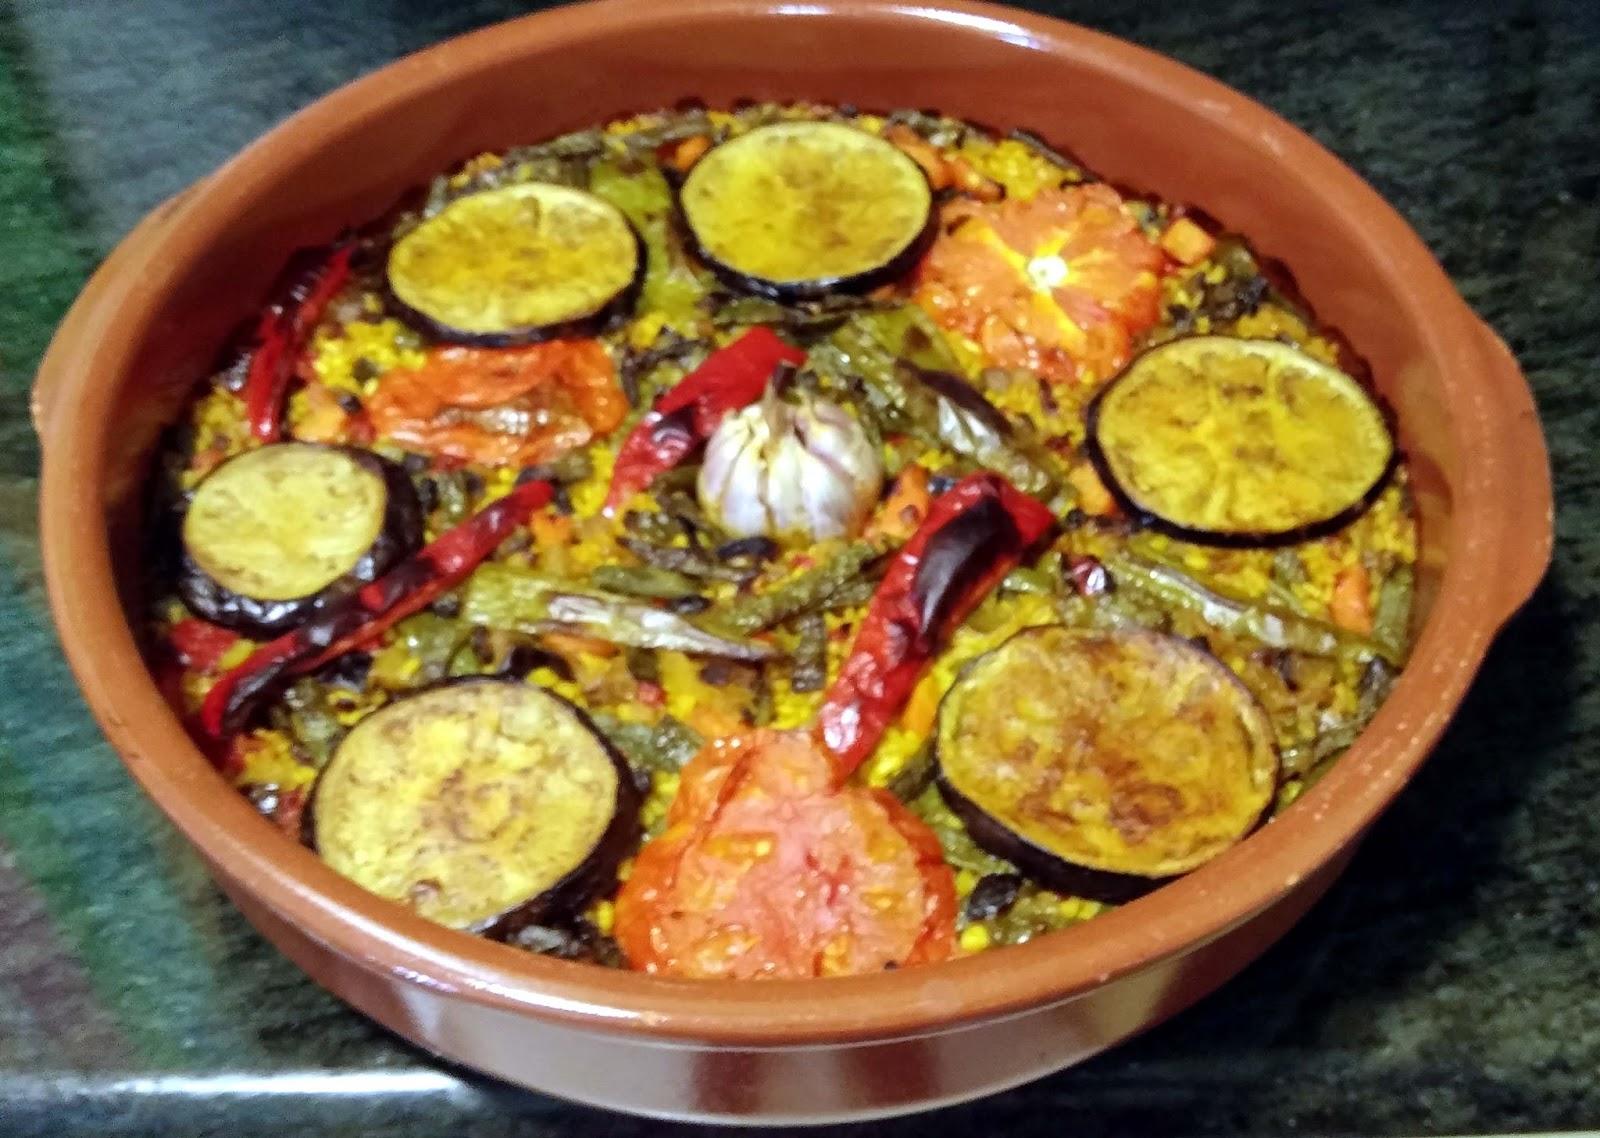 Cocina y medicina video como cocinar arroz al horno con for Cocinar con 5 ingredientes